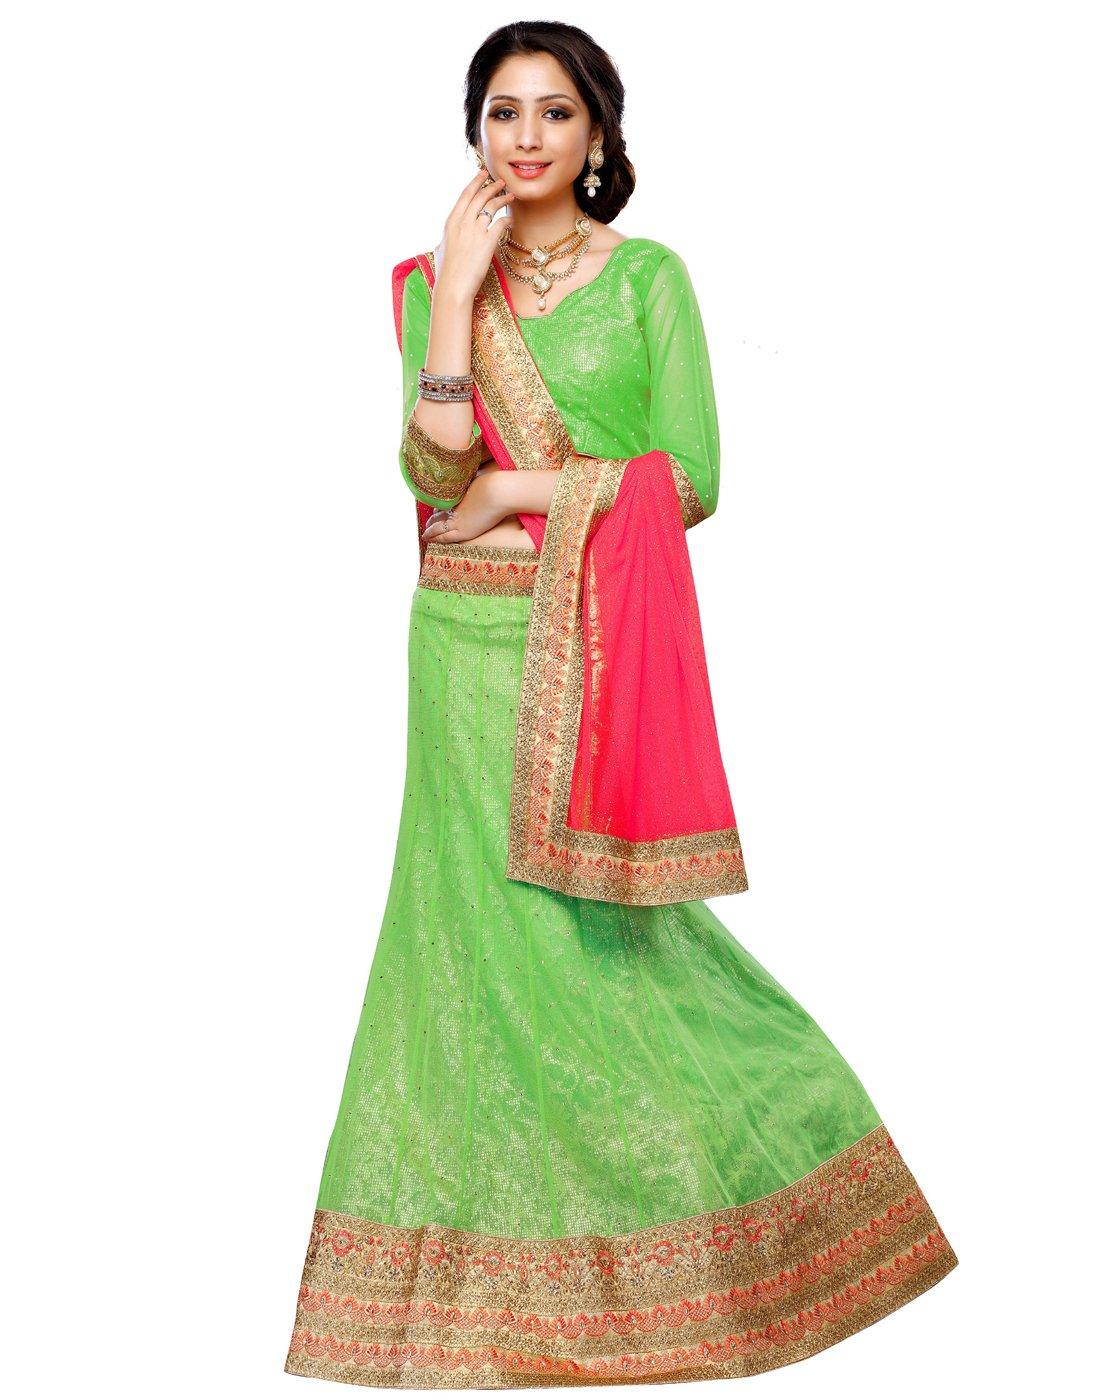 DesiButik's Wedding Wear Ravishing Parrot Green Soft Net Lehenga